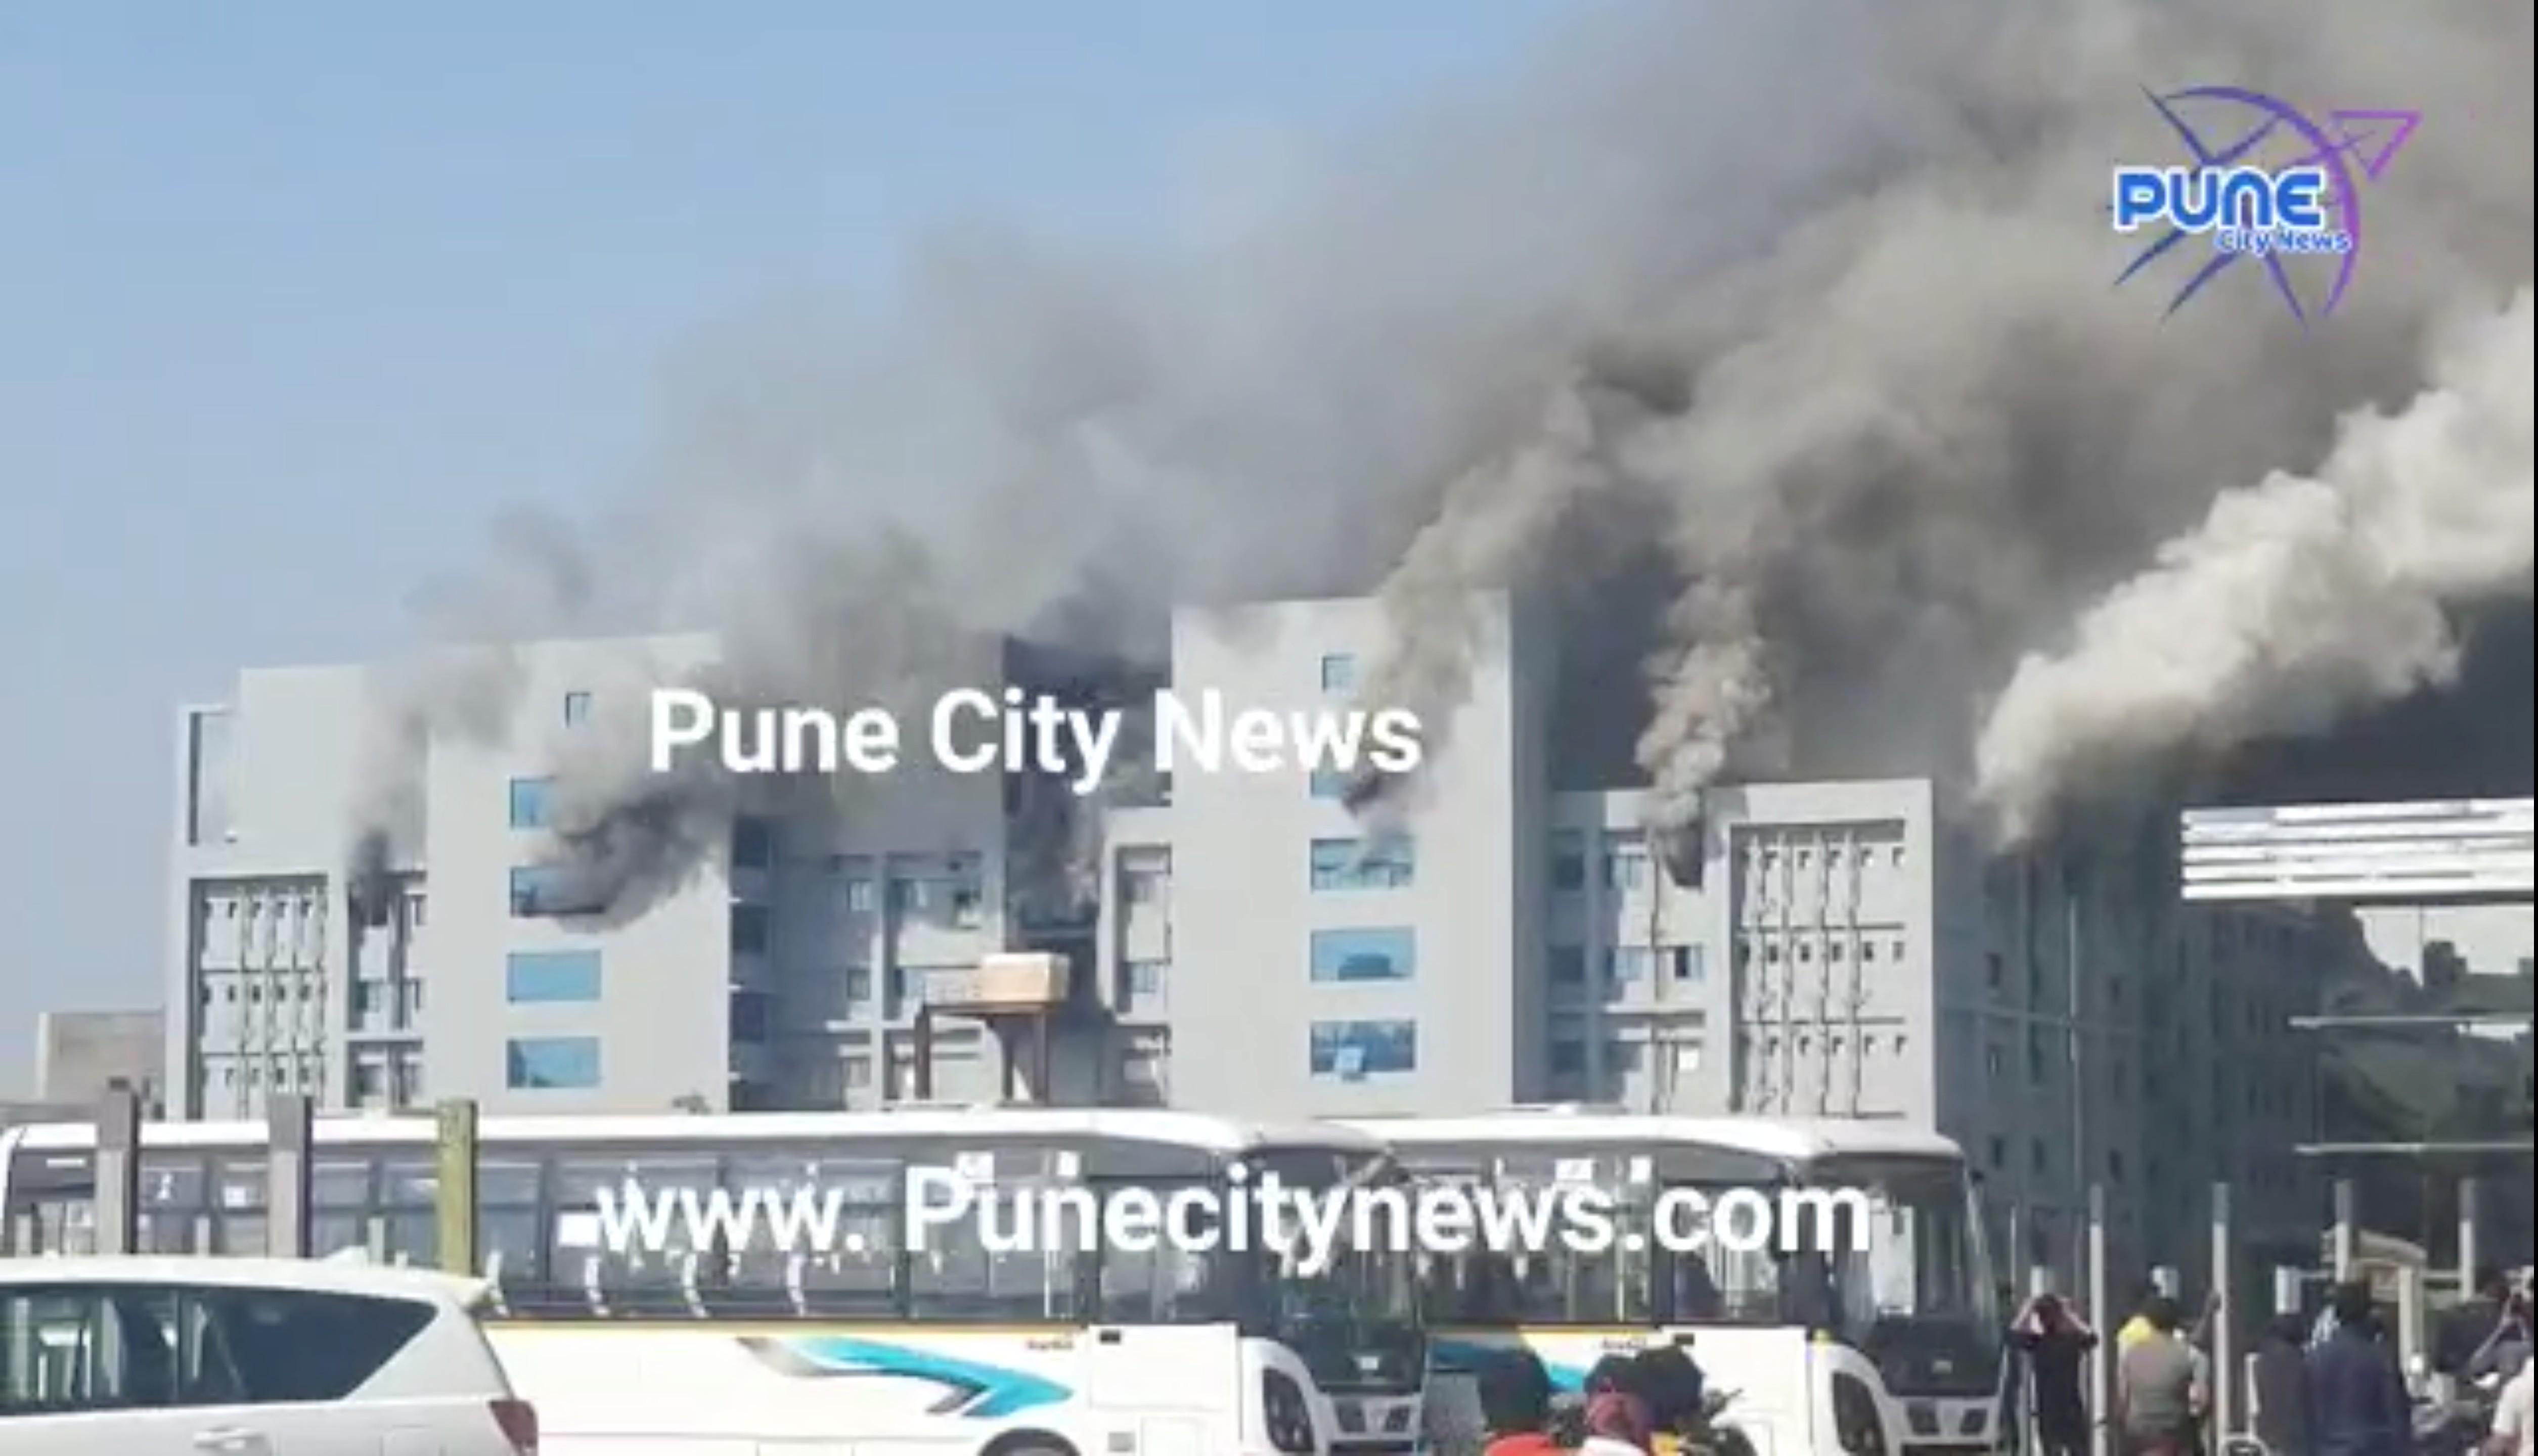 Incêndio atinge prédio em construção do Instituto Serum, mas produção de vacinas não é afetada